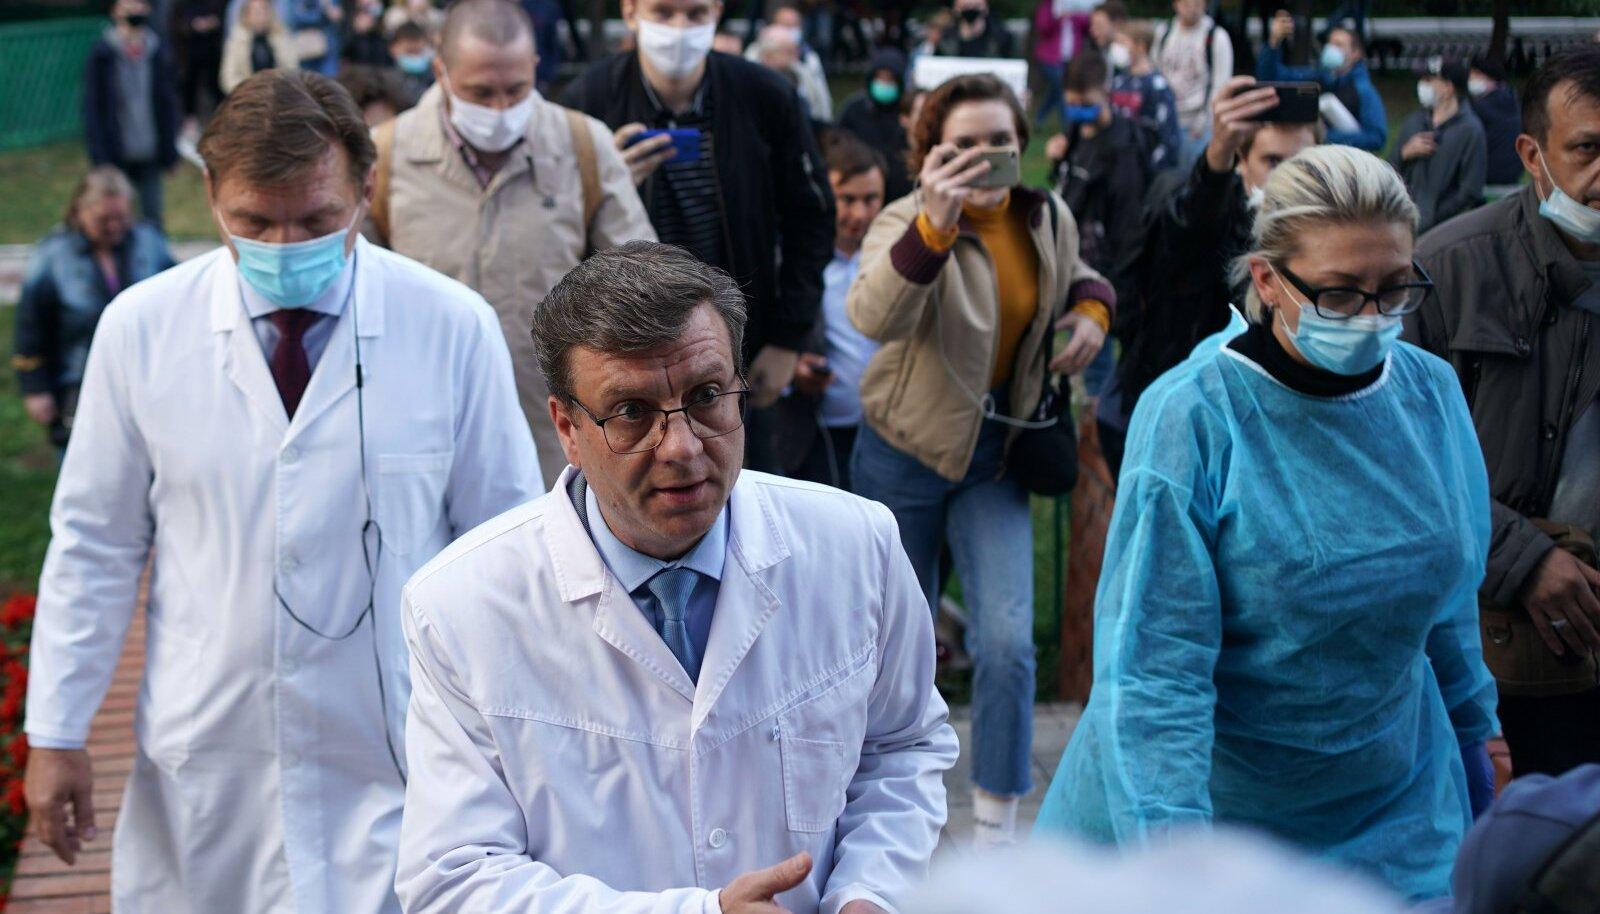 Omski haigla peaarst võttis kolleegid Saksamaalt täna vastu.